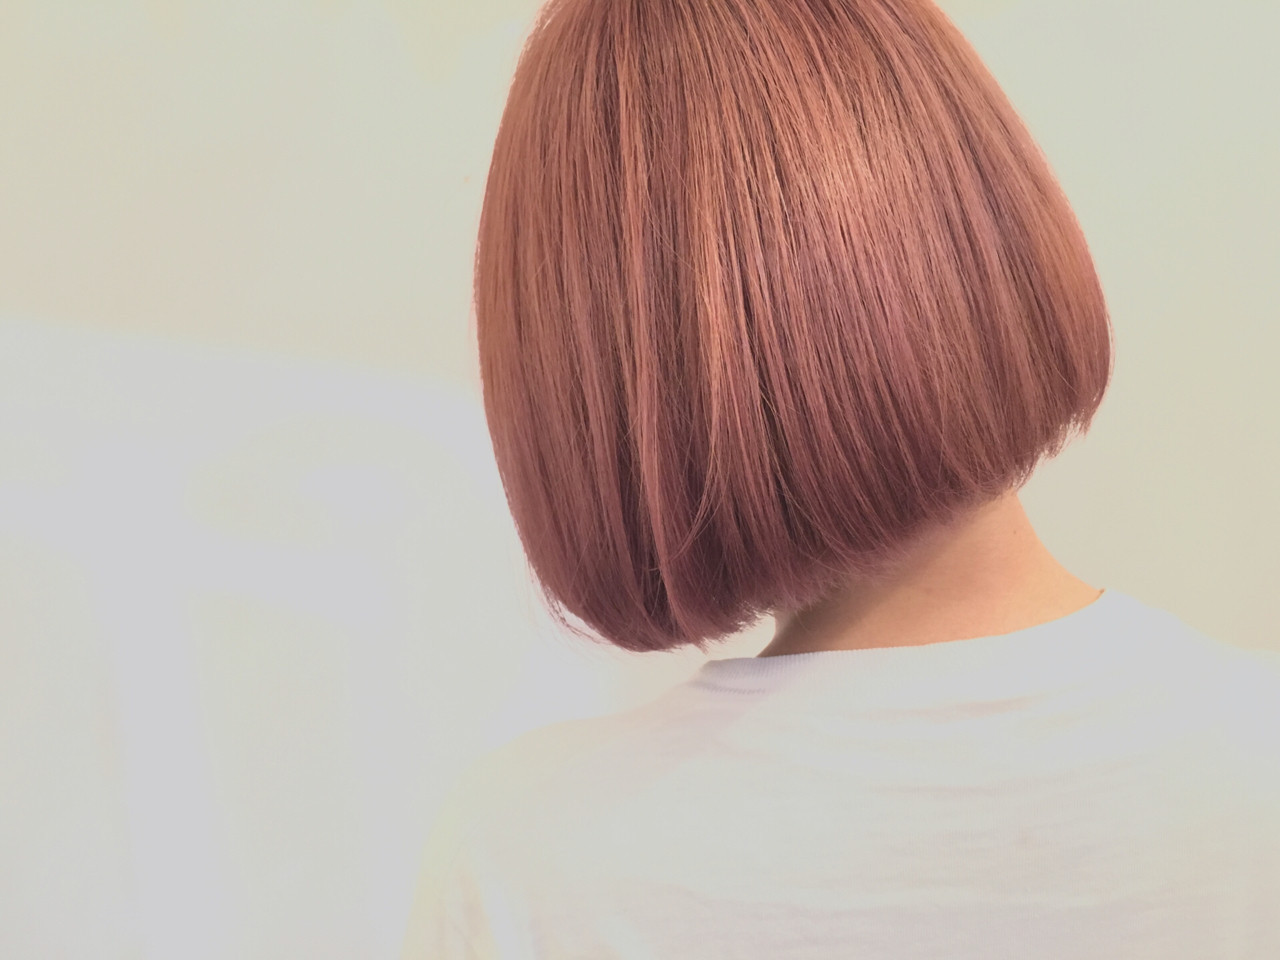 ボブ ワンレングス ハイトーン ショートボブ ヘアスタイルや髪型の写真・画像